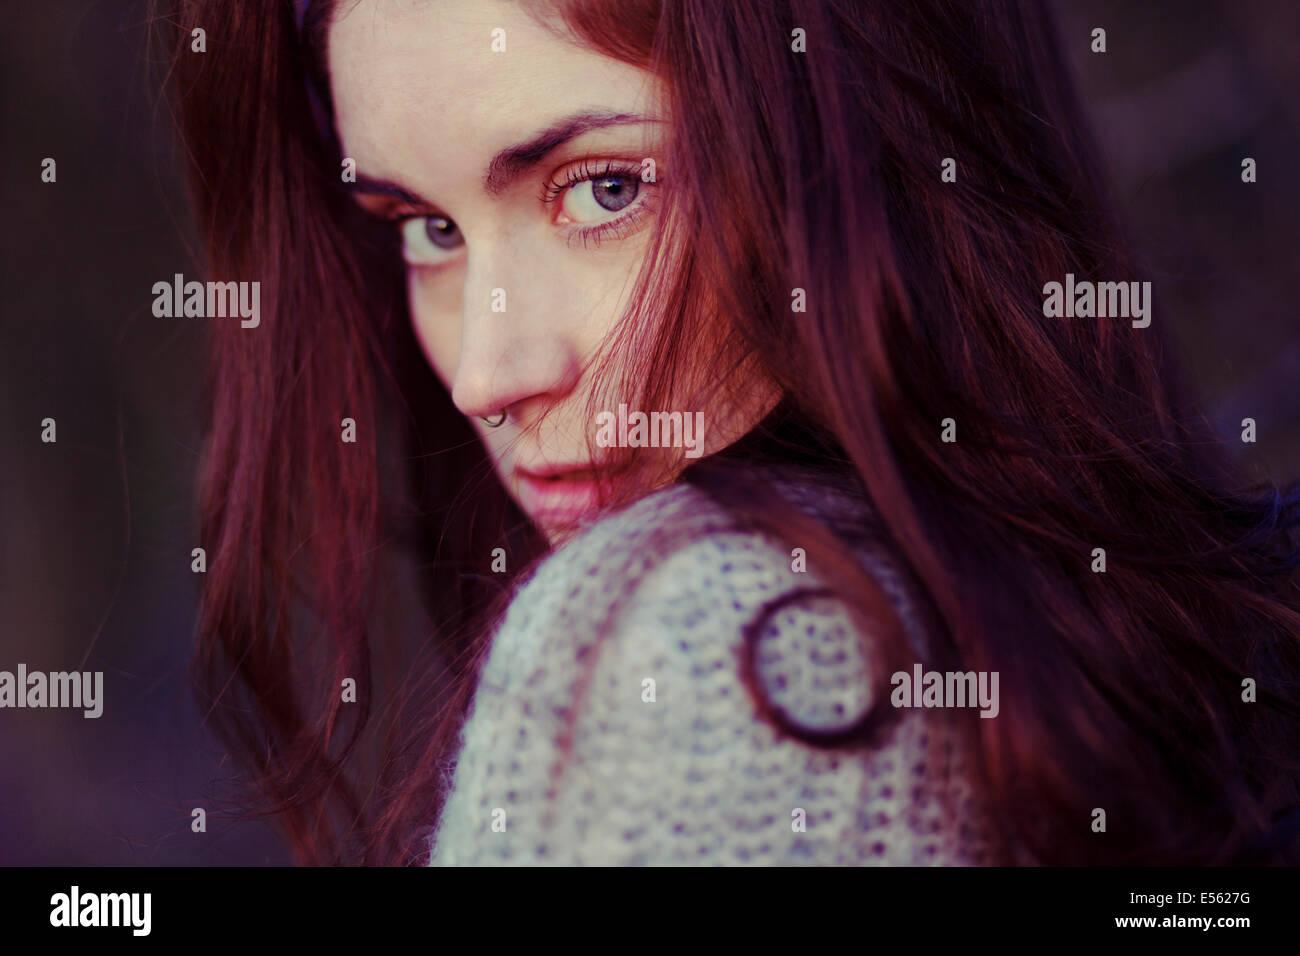 Mujer joven con grave expresión, Retrato Imagen De Stock